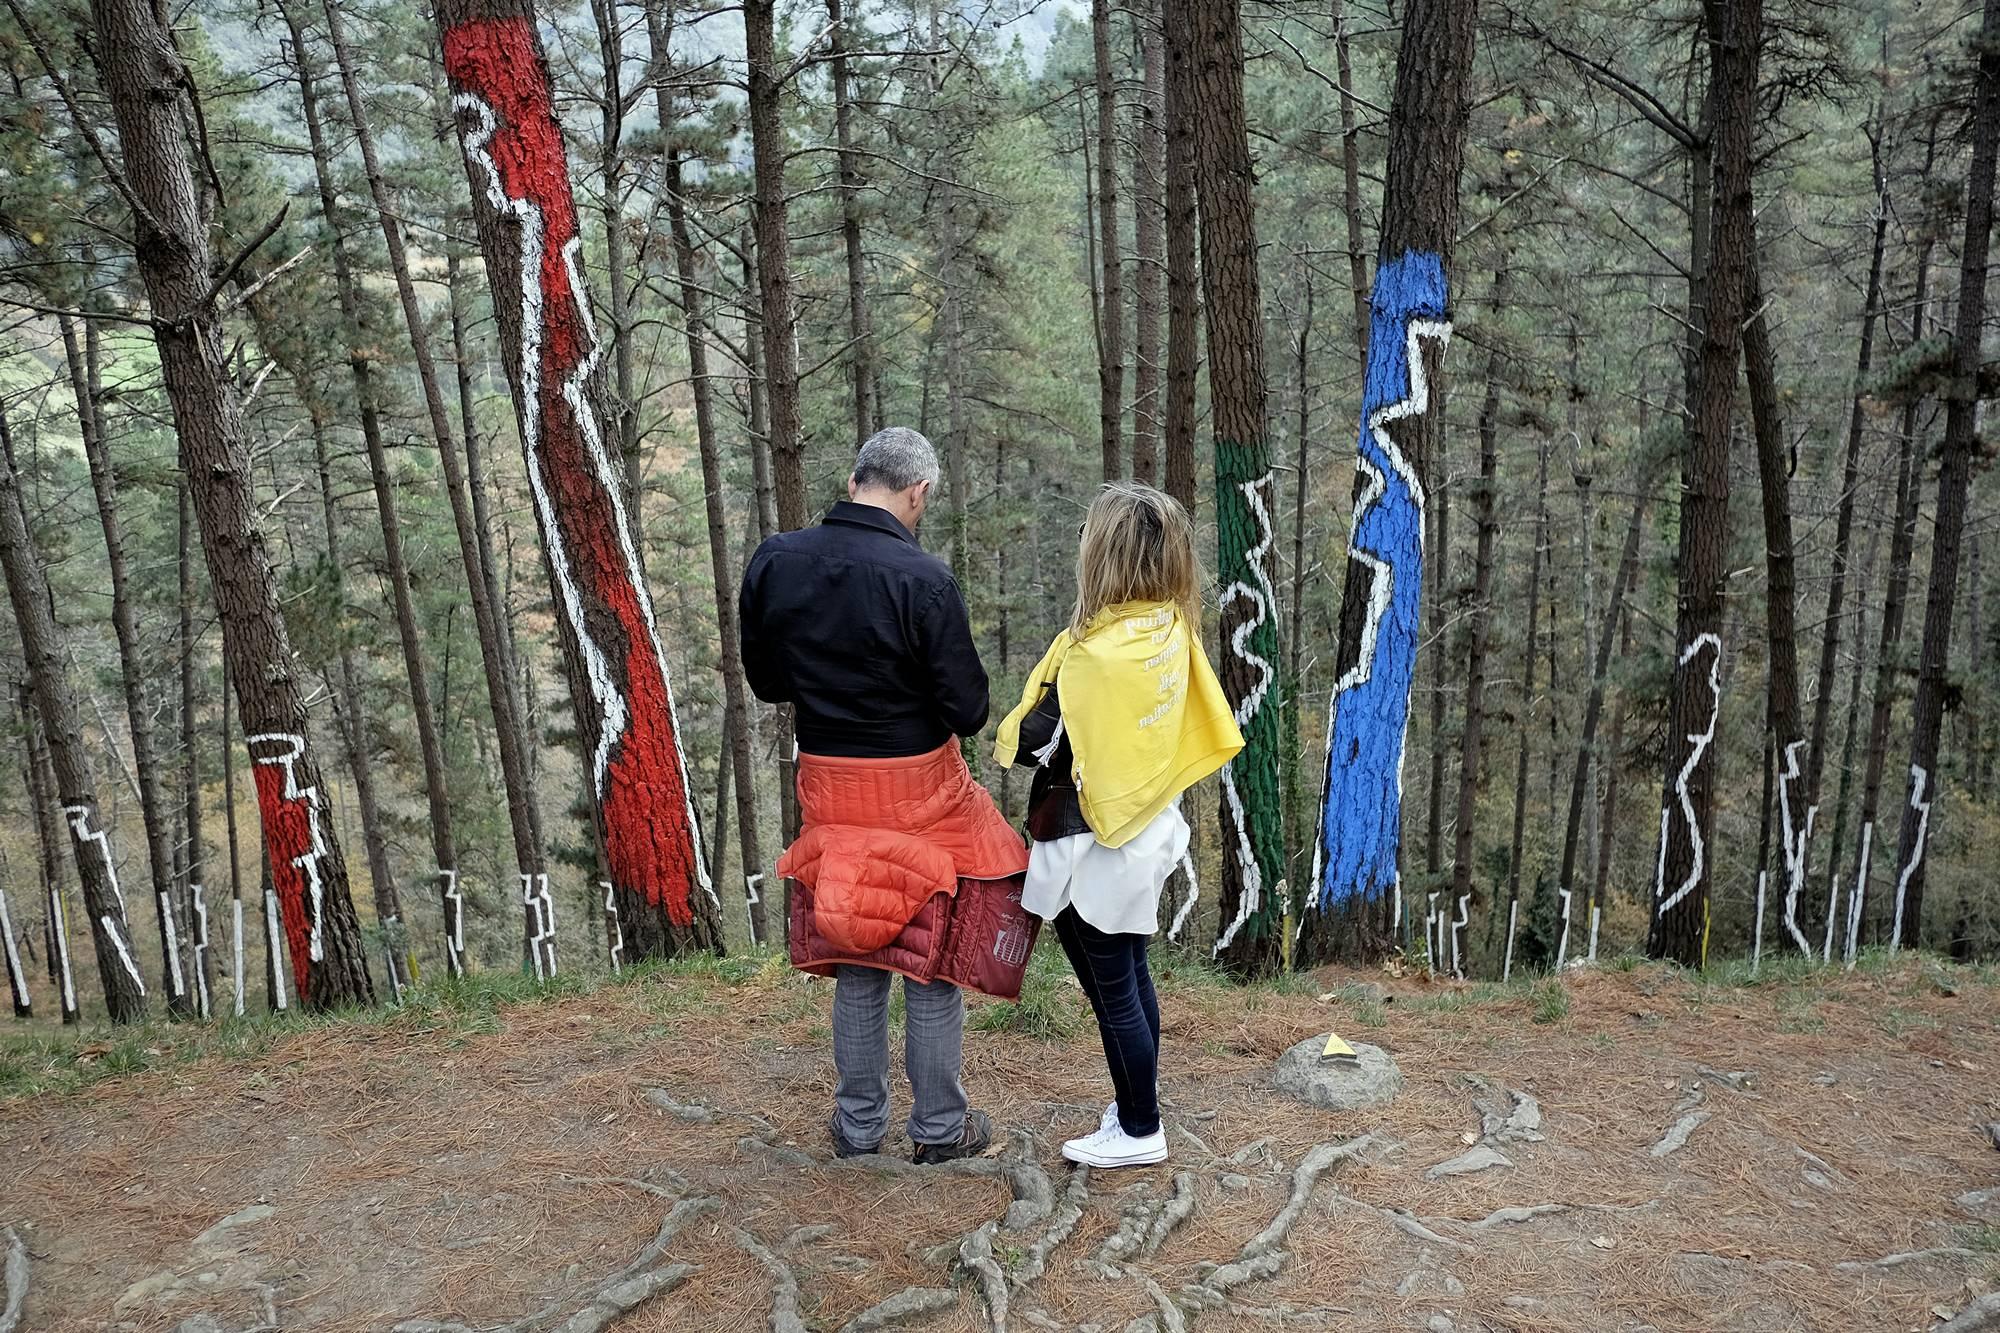 Parejas y grupos de amigos también recorren el bosque durante todo el año.